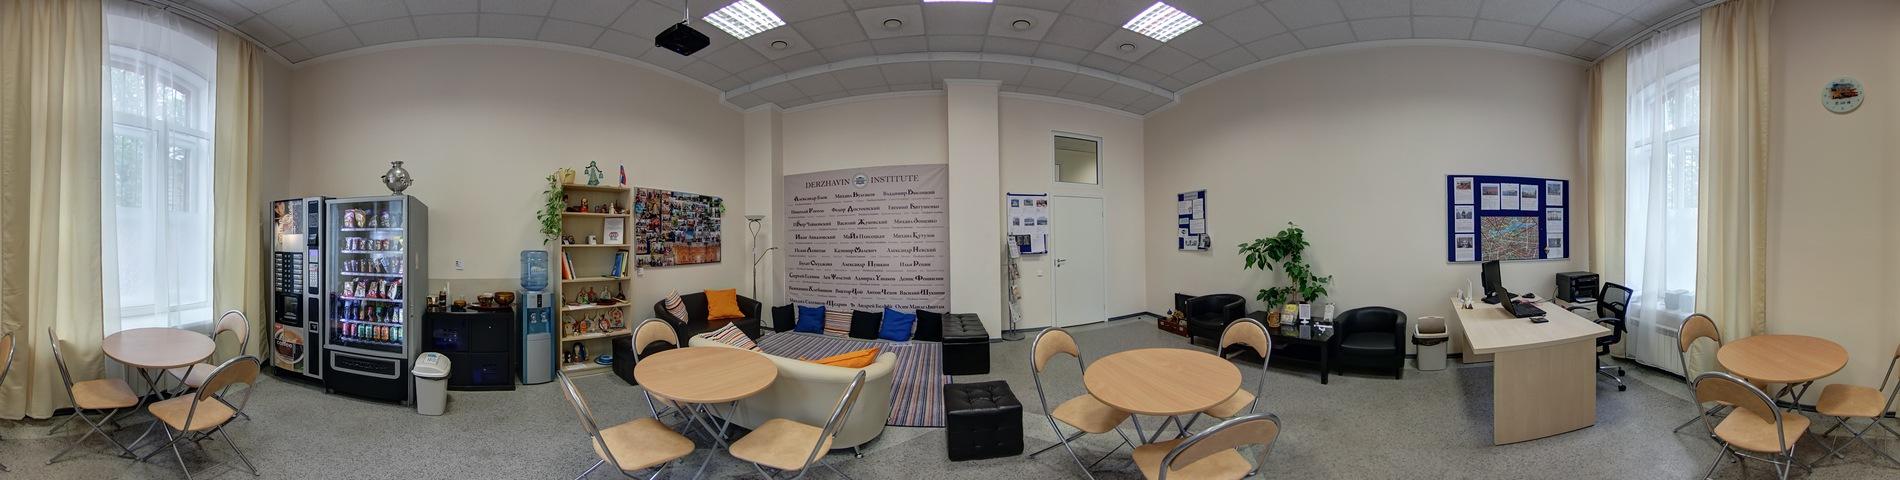 Derzhavin Institute afbeelding 1